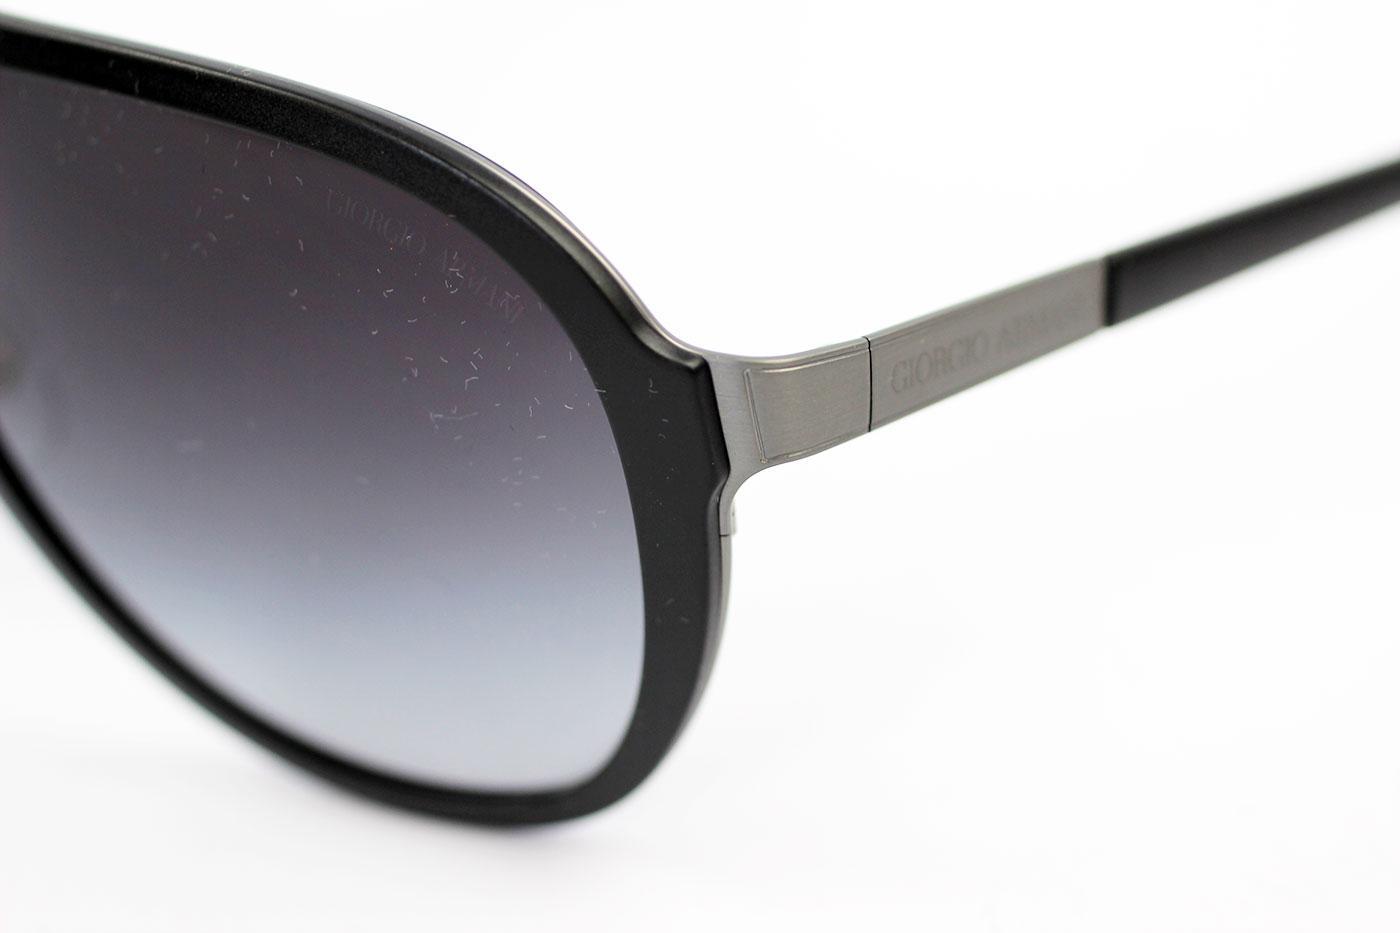 329e2ea8b395 Giorgio Armani Retro Mod Matte Gunmetal Pilot Sunglasses